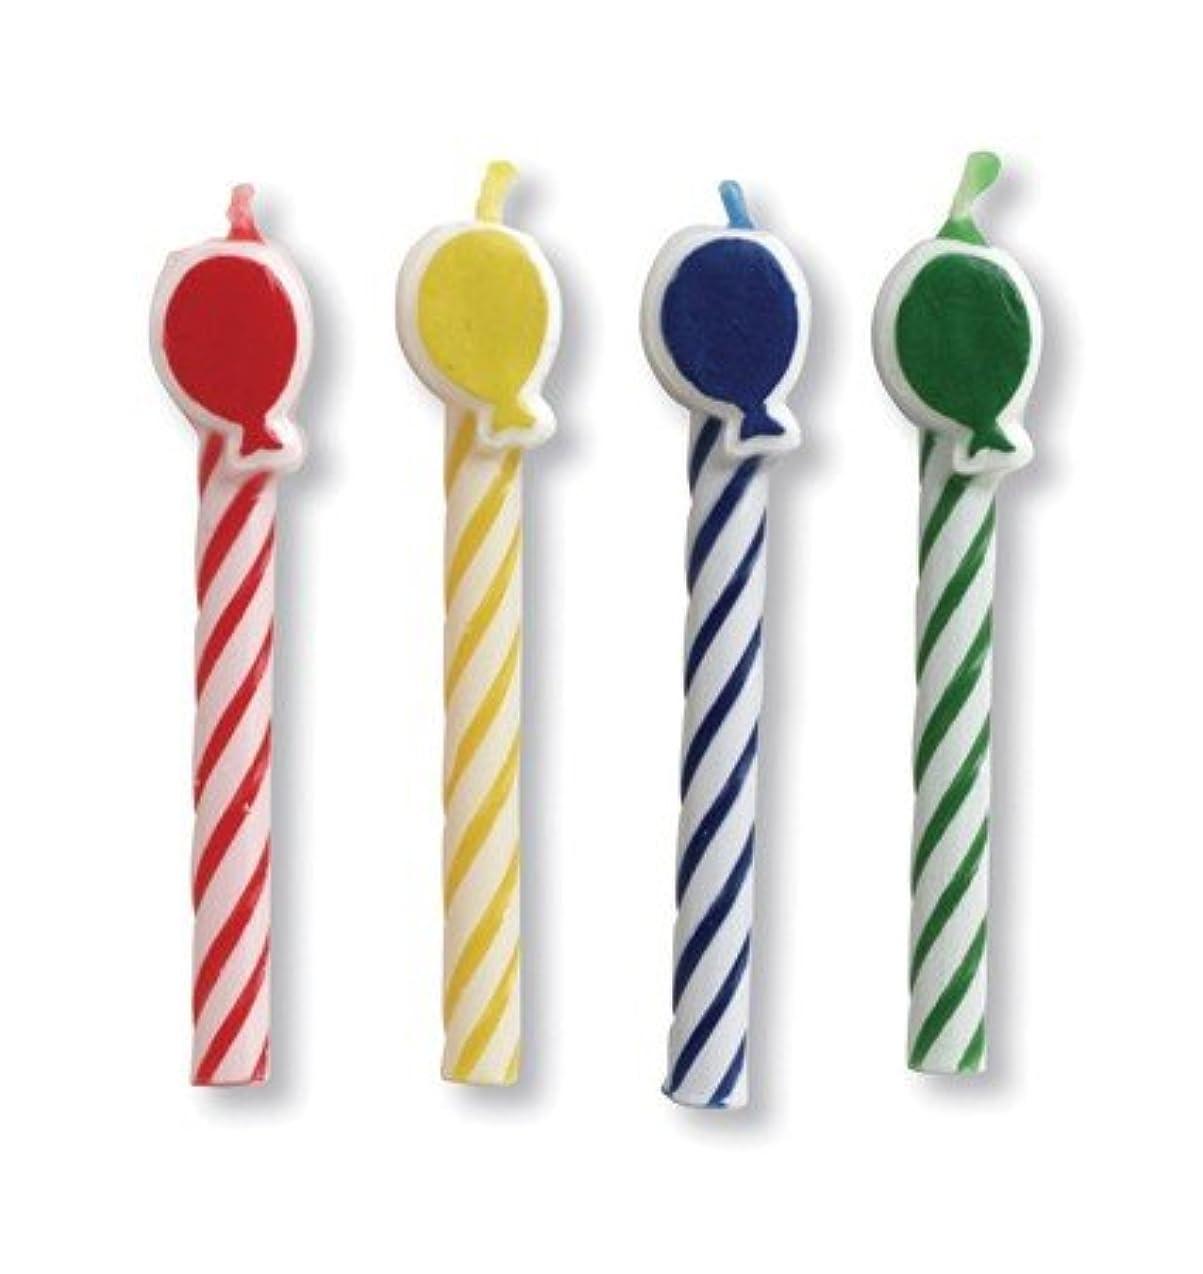 クラブパックof 96 Multicoloredバルーン型スパイラル装飾誕生日パーティーキャンドル2